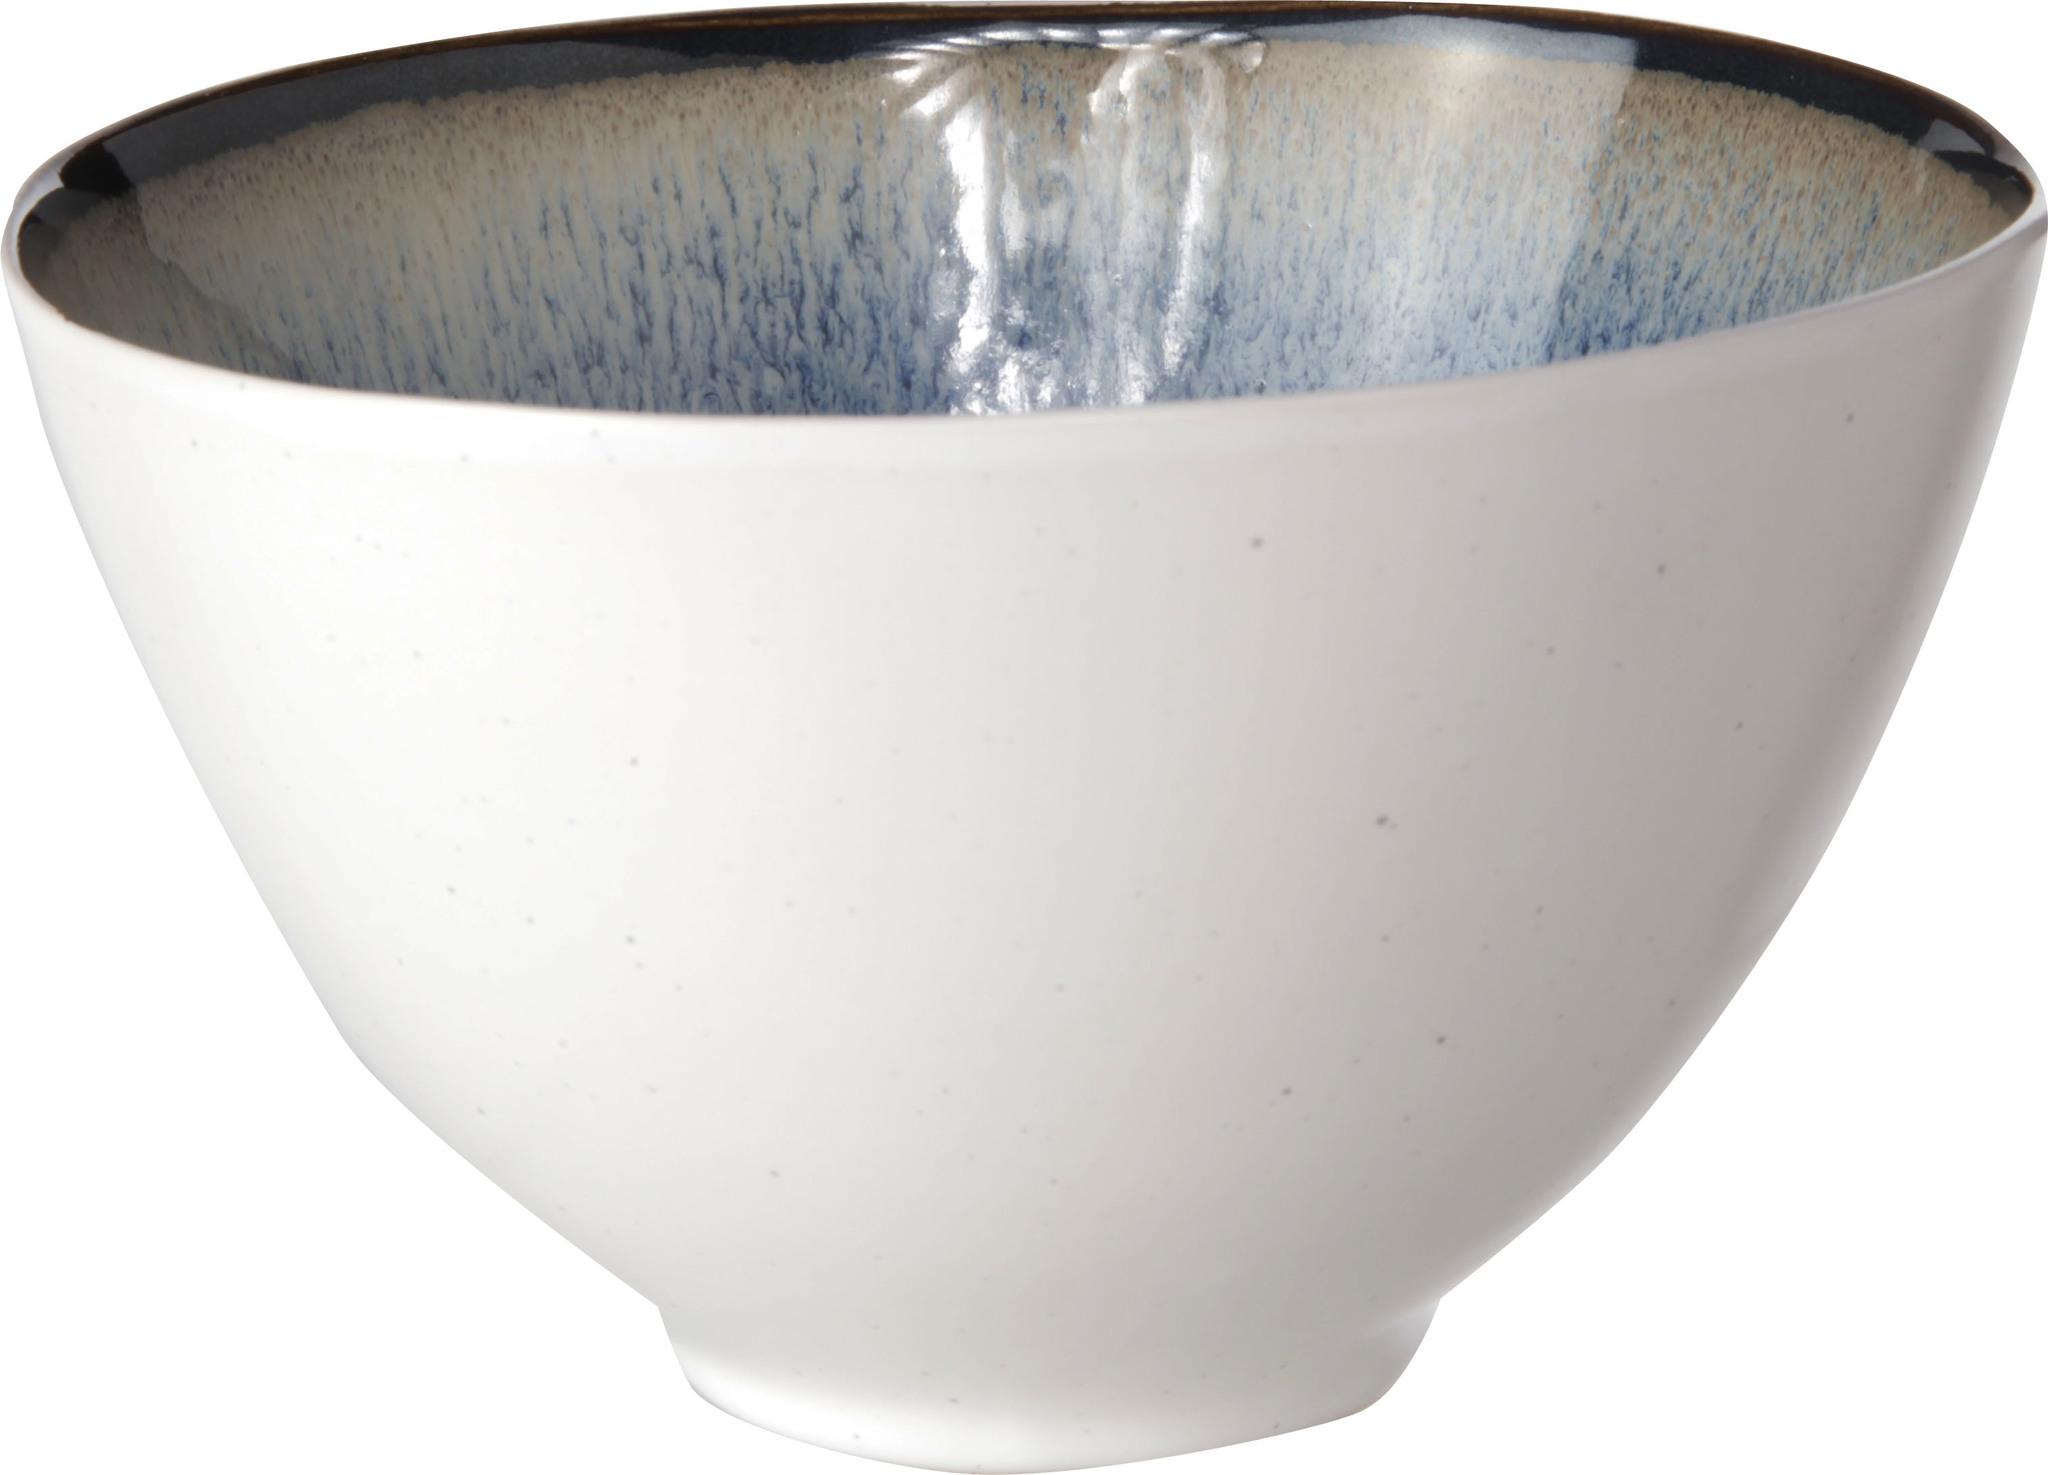 Миска 14,5х9 см COSY&amp;TRENDY Fez blue 7876177Миски и чаши<br>Миска 14,5х9 см COSY&amp;TRENDY Fez blue 7876177<br><br>Эта коллекция из каменной керамики поражает удивительным цветом, текстурой и формой. Насыщенный темно-синий оттенок с волнистым рельефом погружают в песчаную лагуну. Органические края для дополнительного дизайна. Коллекция FEZ Blue воссоздает исключительный внешний вид приготовленных блюд.<br>